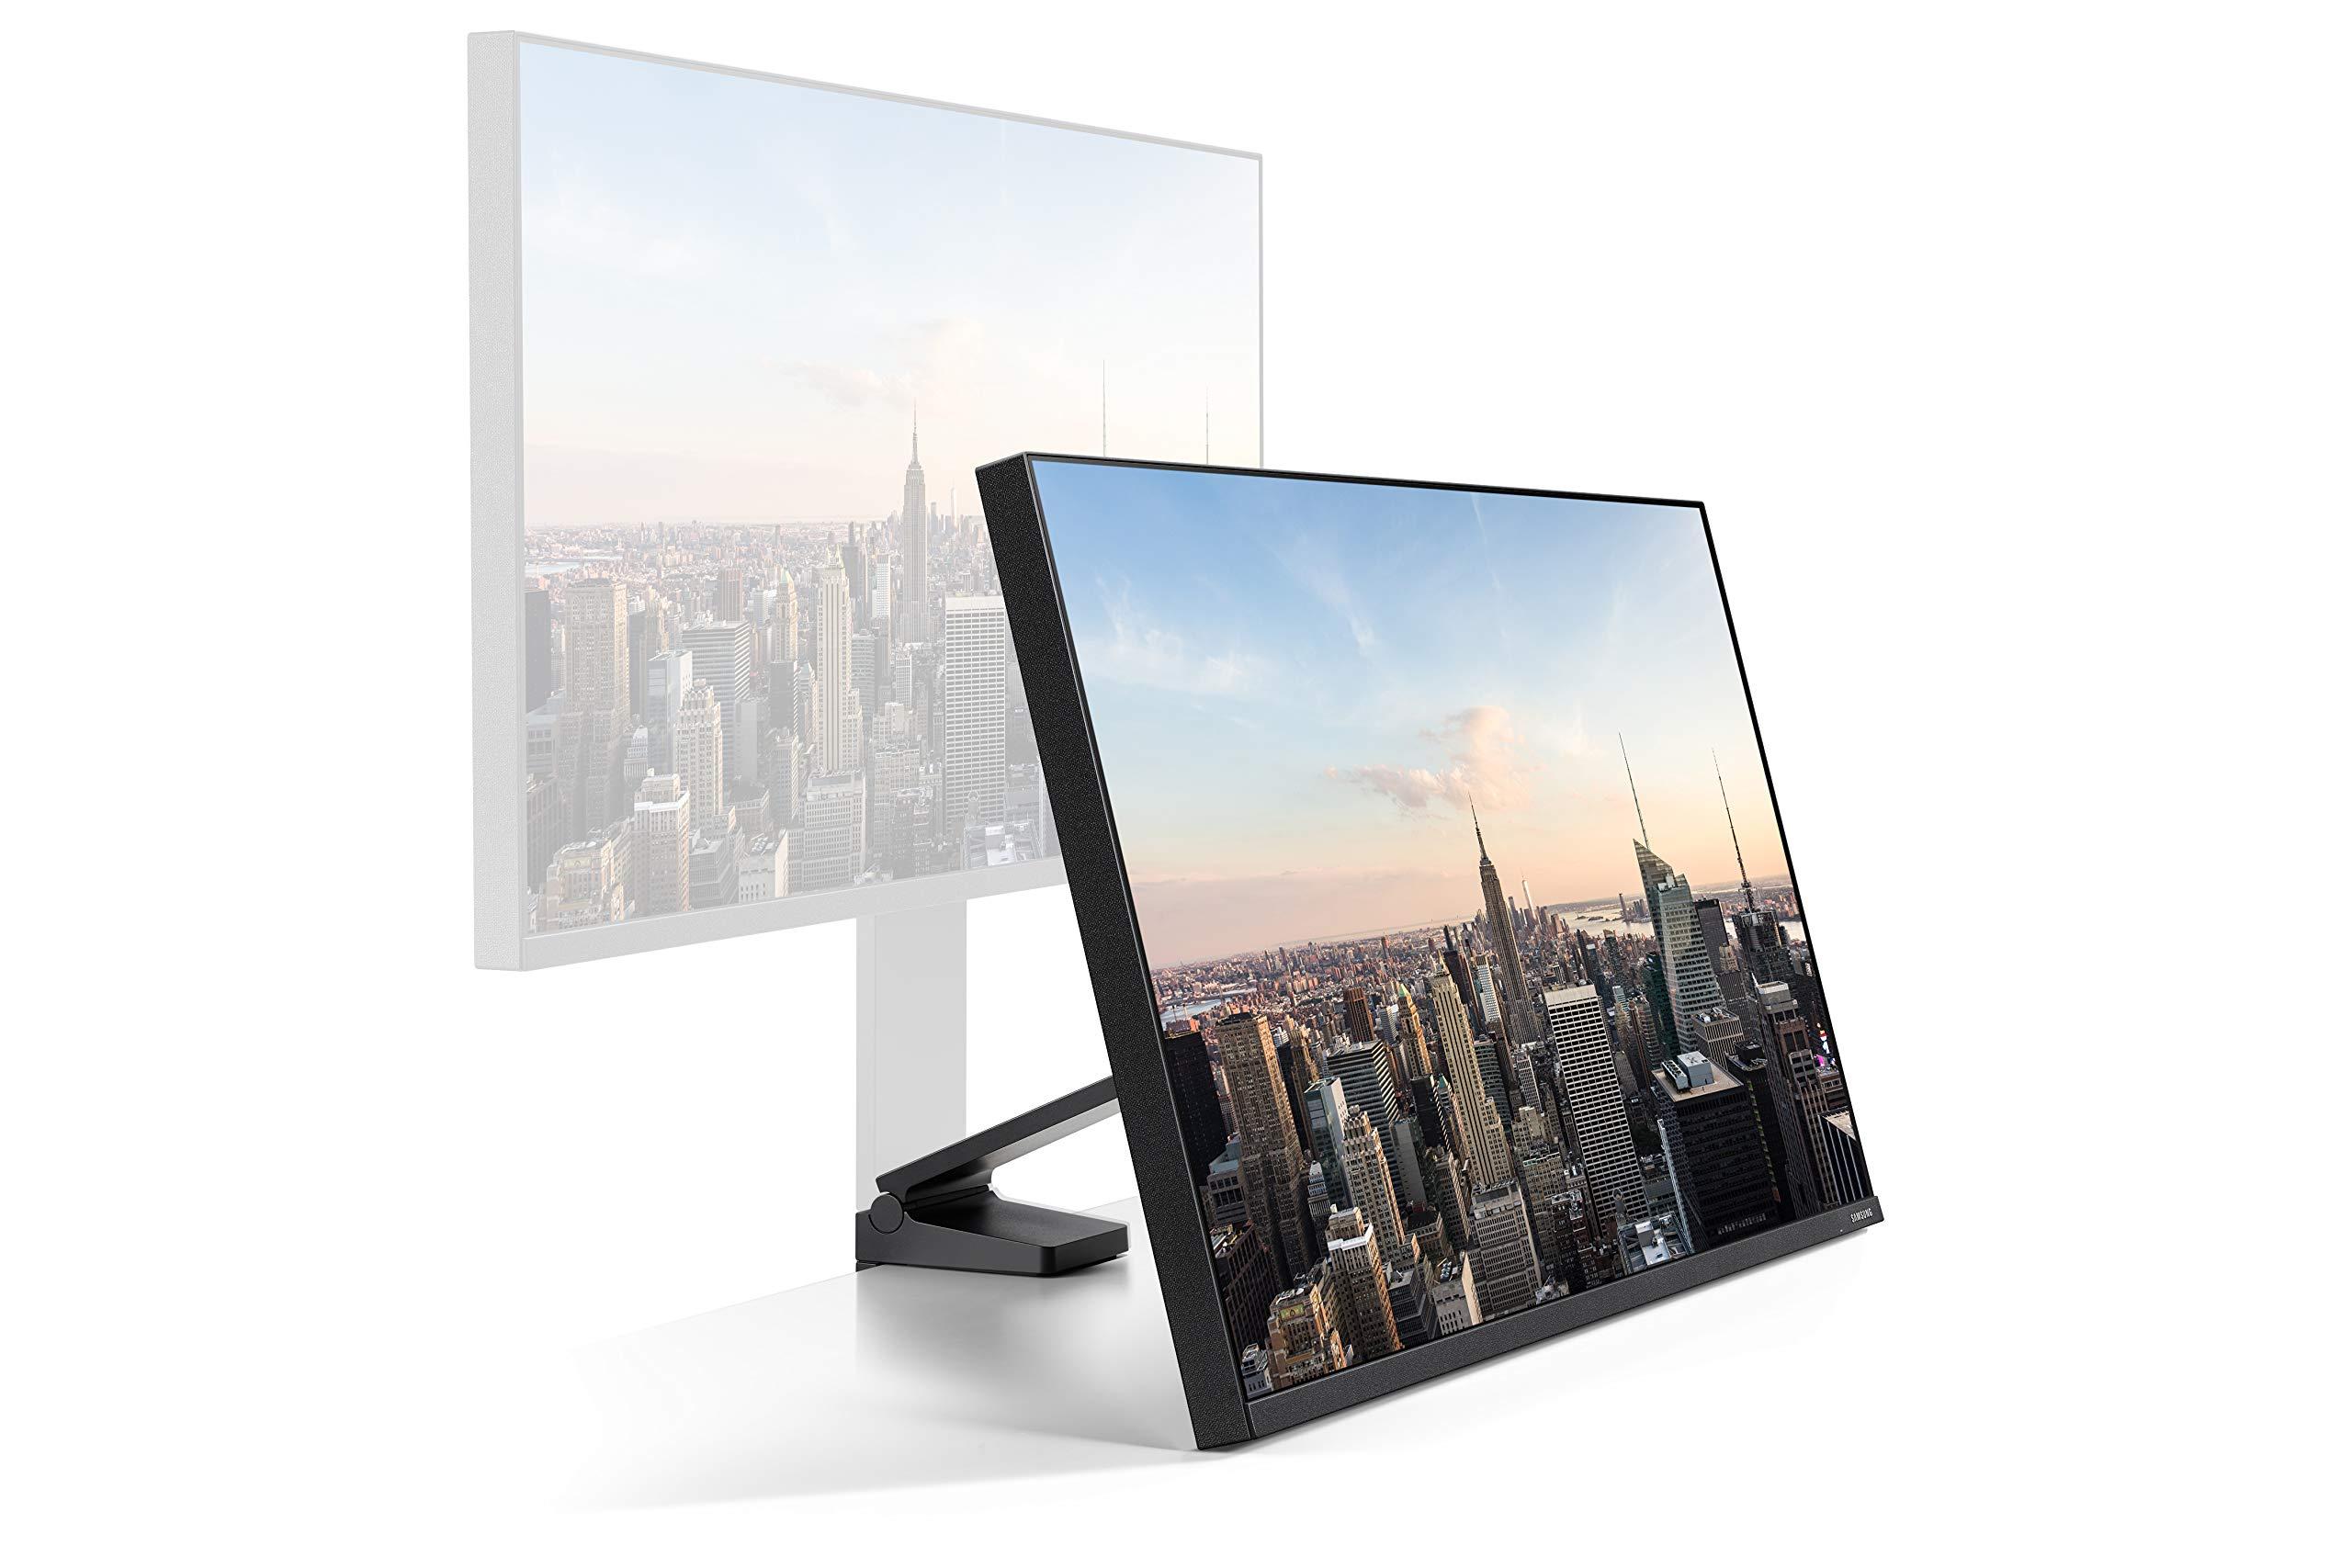 Samsung Space Monitor de 27 WQHD con Marcos Estrechos (2560 x 1440, 144 Hz, 4 ms, HDMI), Negro: Samsung: Amazon.es: Informática